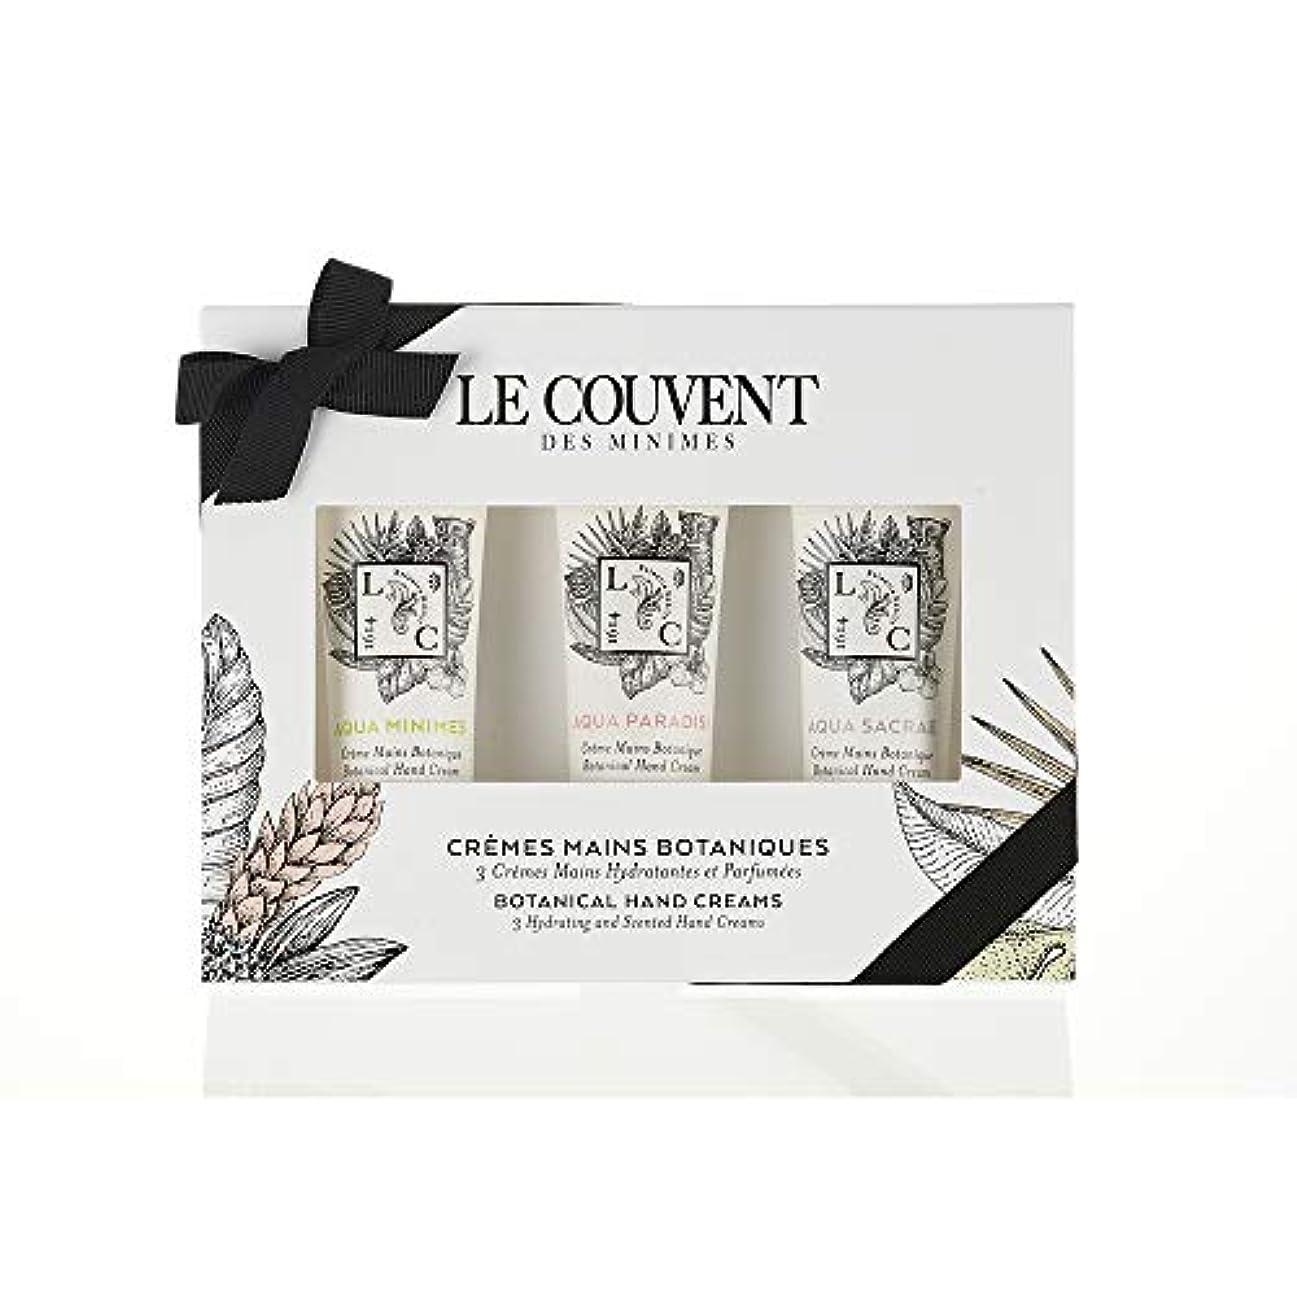 作家ガロン革命的クヴォン?デ?ミニム(Le Couvent des Minimes) ボタニカル ハンドクリームセット アクアミニム ハンドクリーム、アクアパラディシ ハンドクリーム、アクアサクラエ ハンドクリーム 各30mL